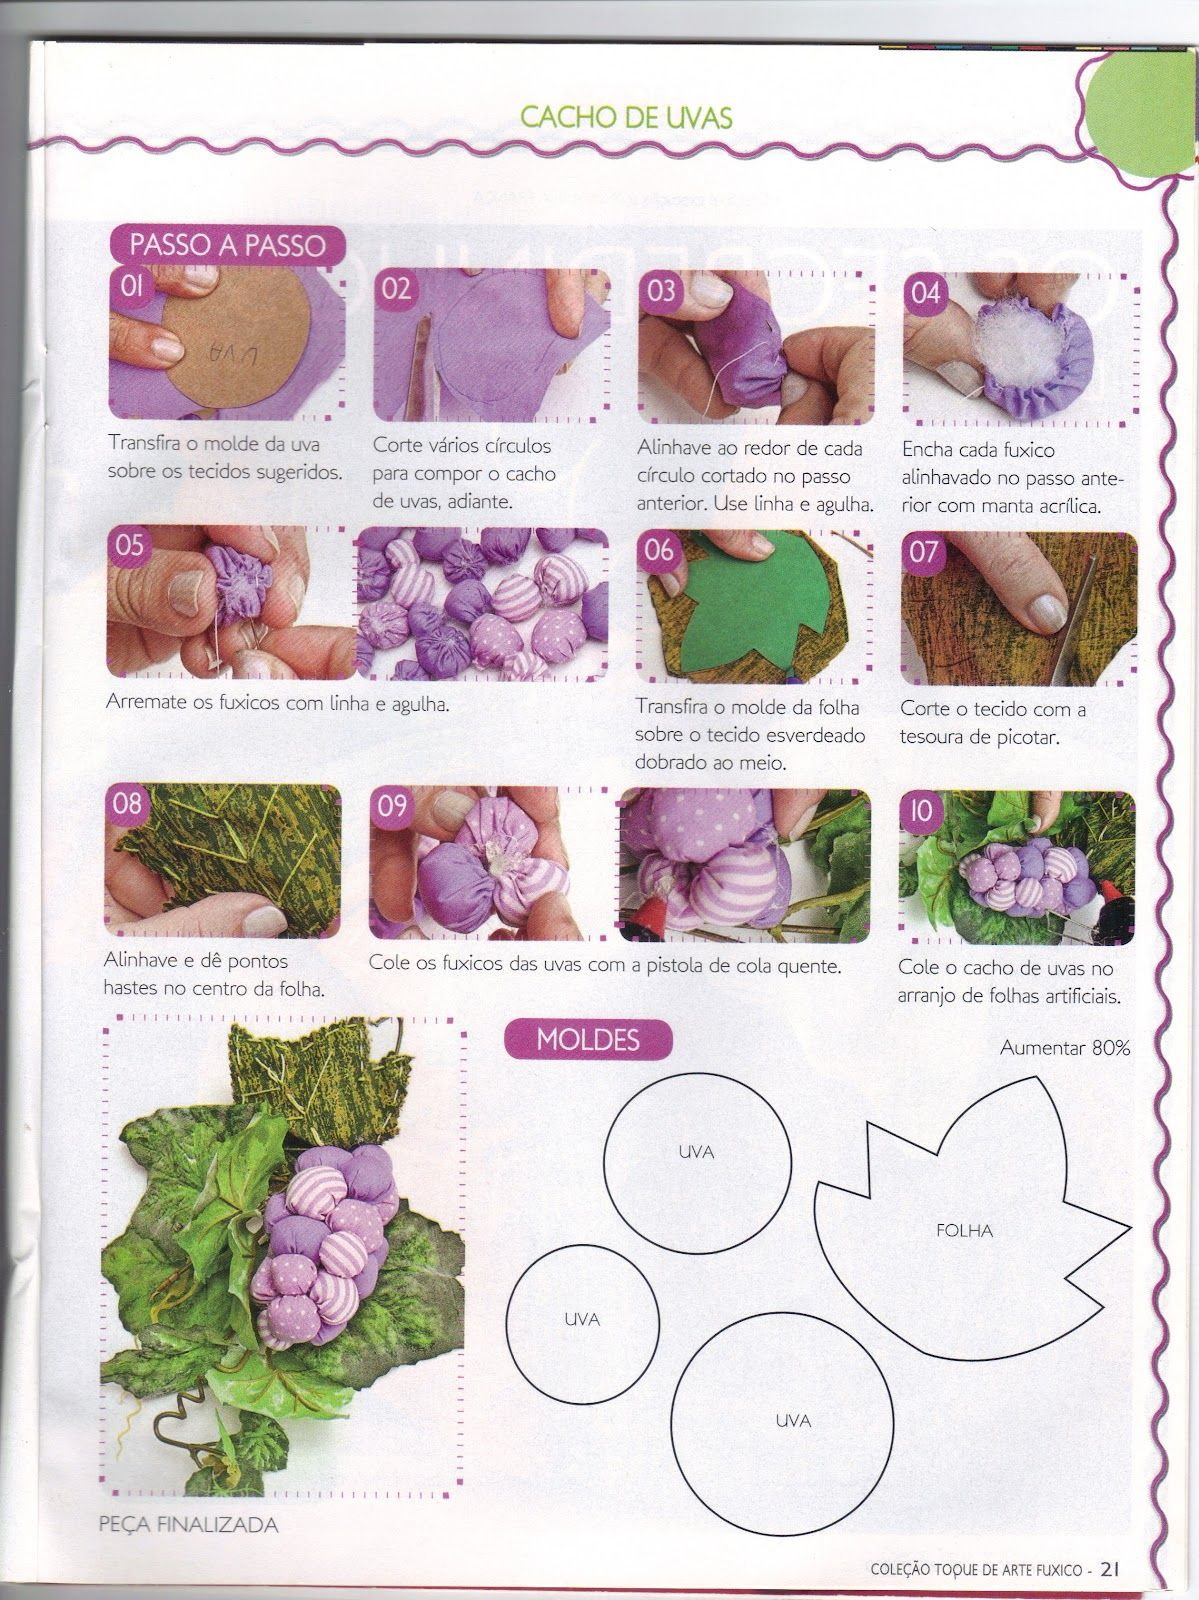 Adesivo Queimador De Gordura ~ Moldes Para Artesanato em Tecido Uvas de tecido com Molde Moldes Pinterest Artesanato em